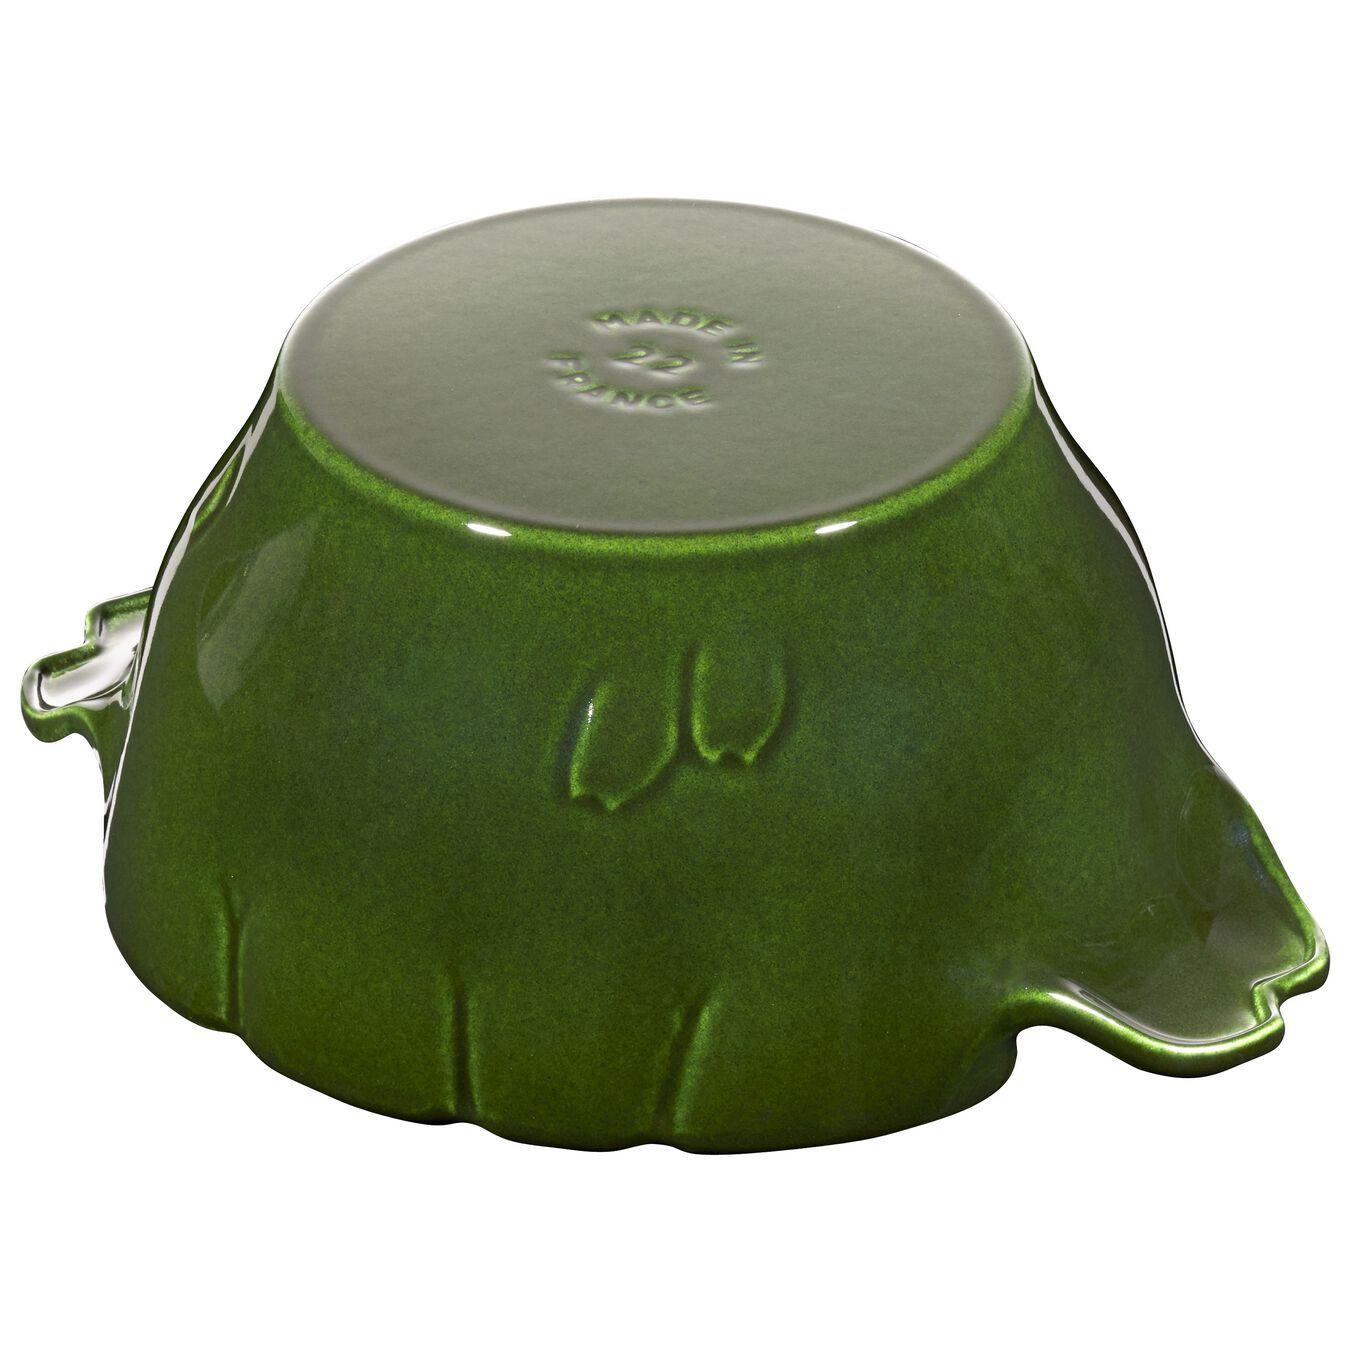 3-qt Artichoke Cocotte - Basil,,large 6